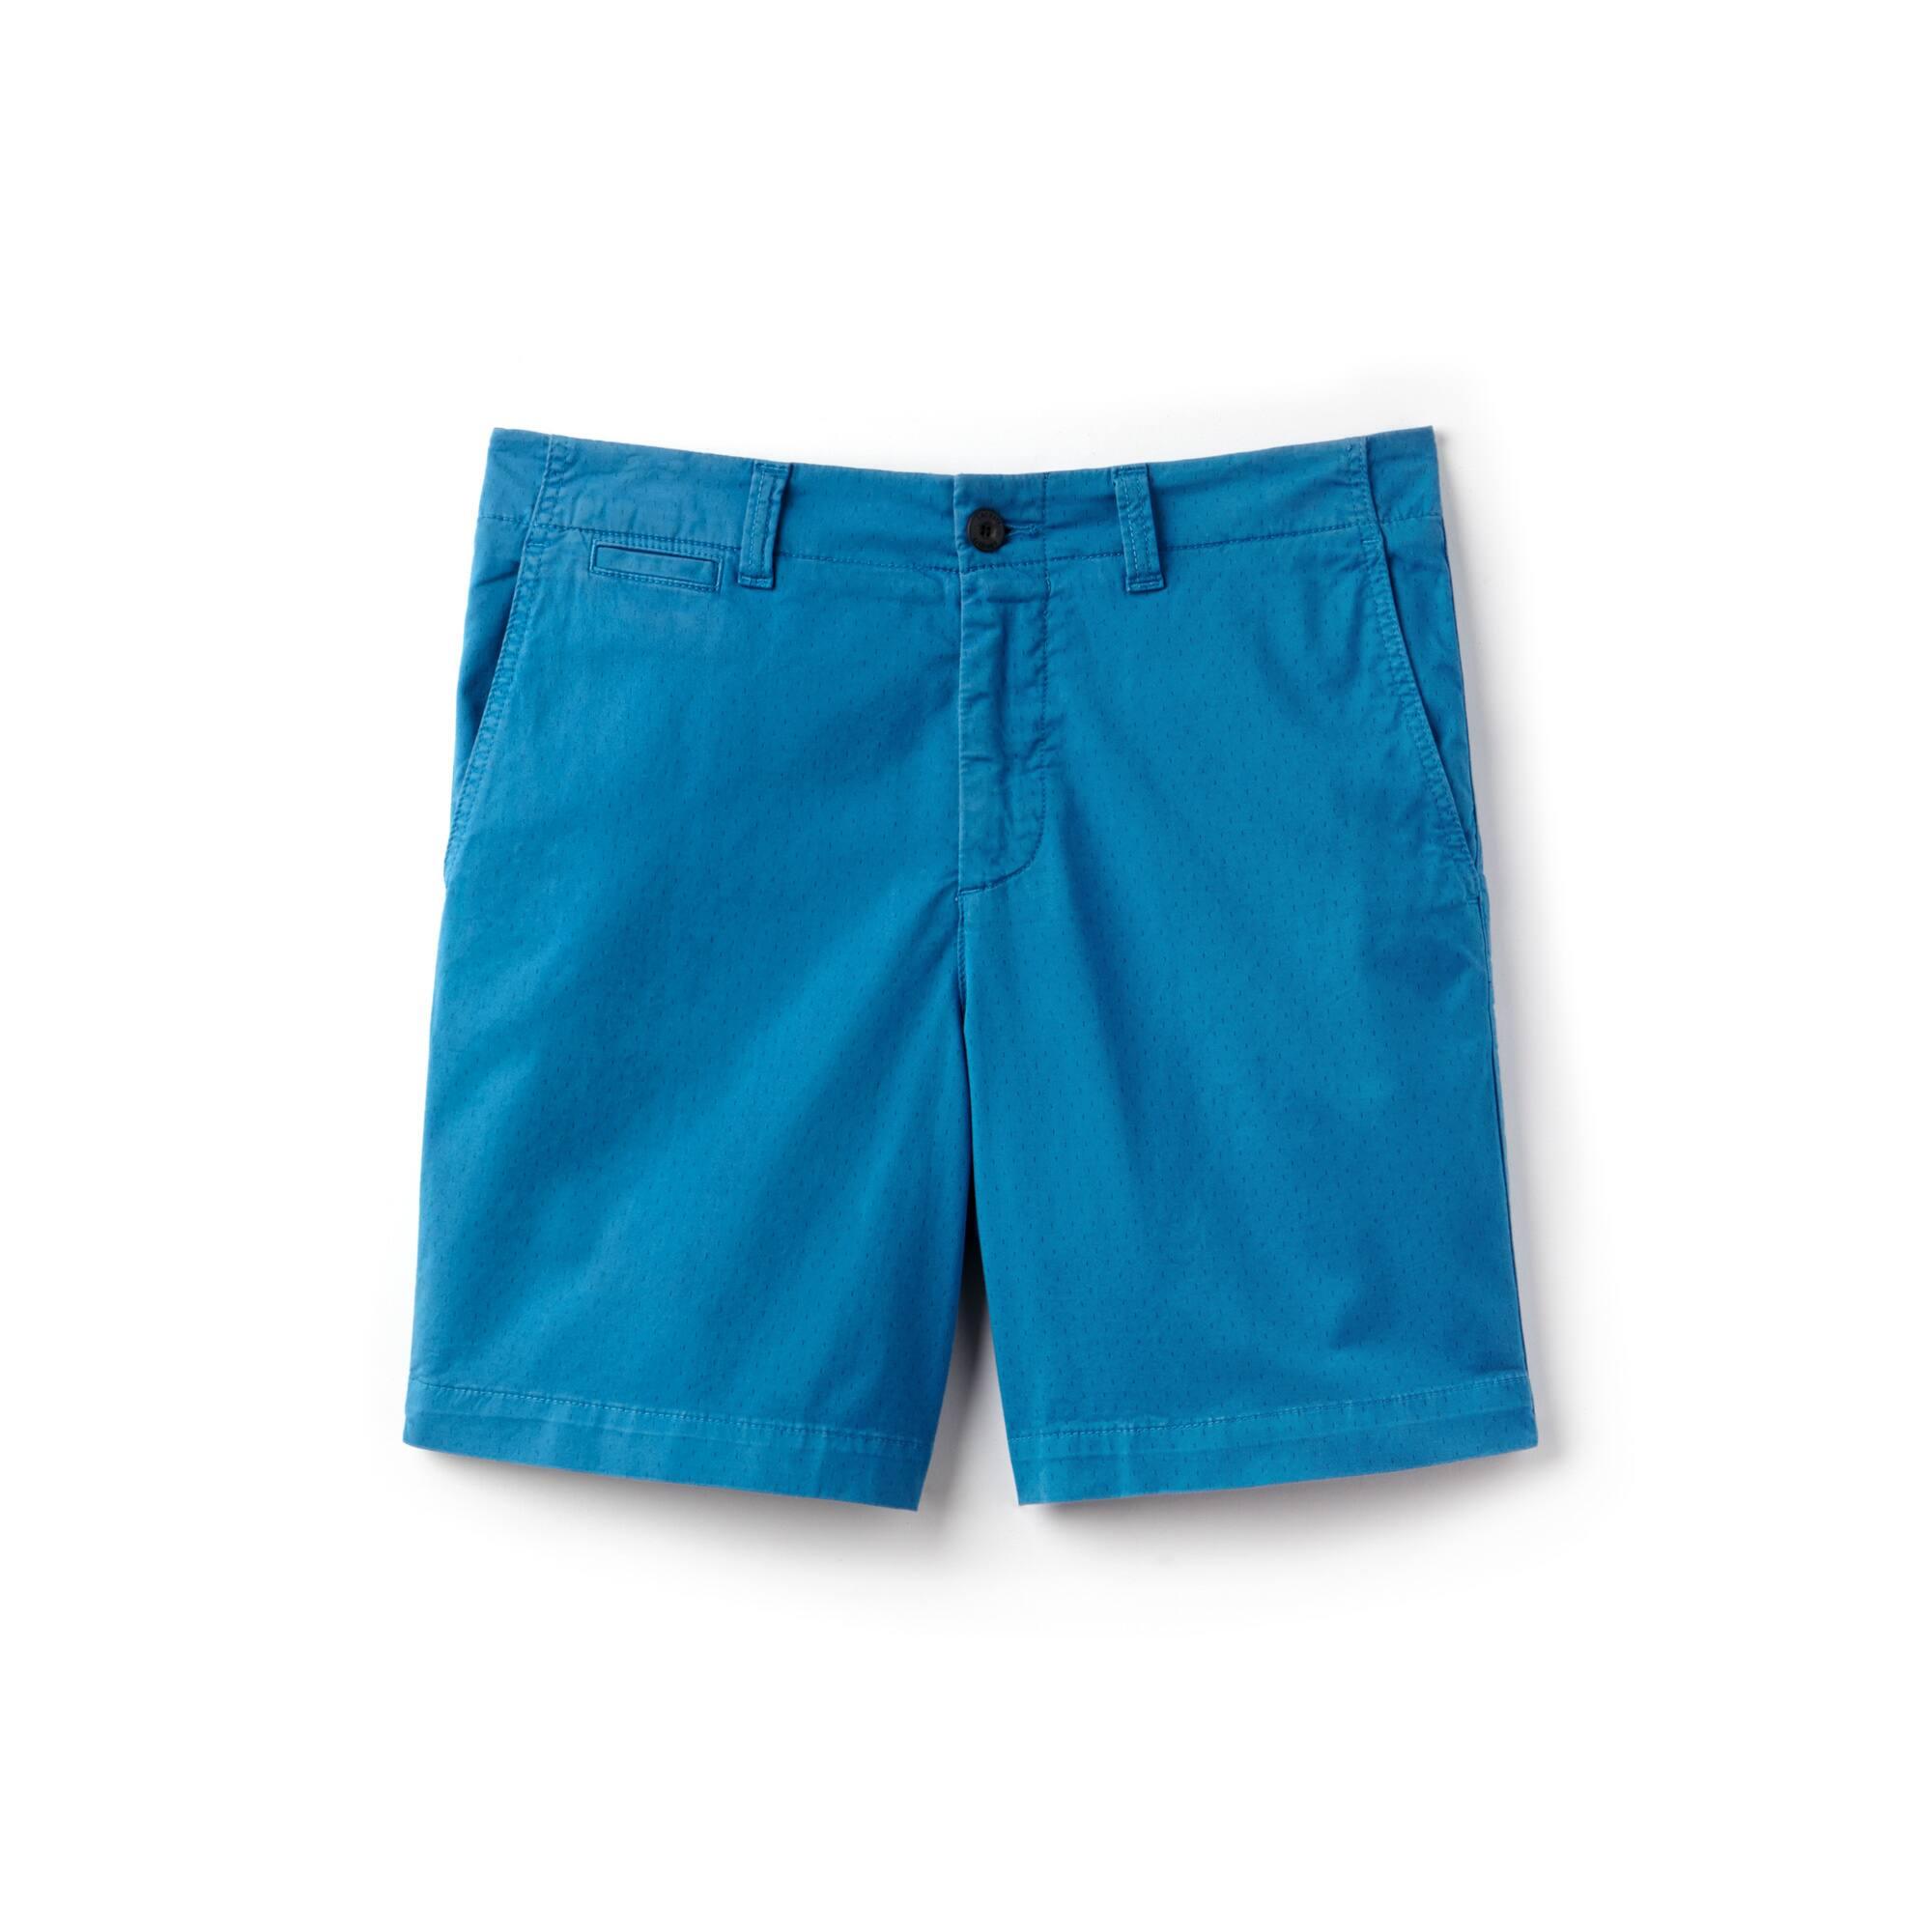 Bermudas de corte ajustado en sarga de algodón elástico con pequeños estampados